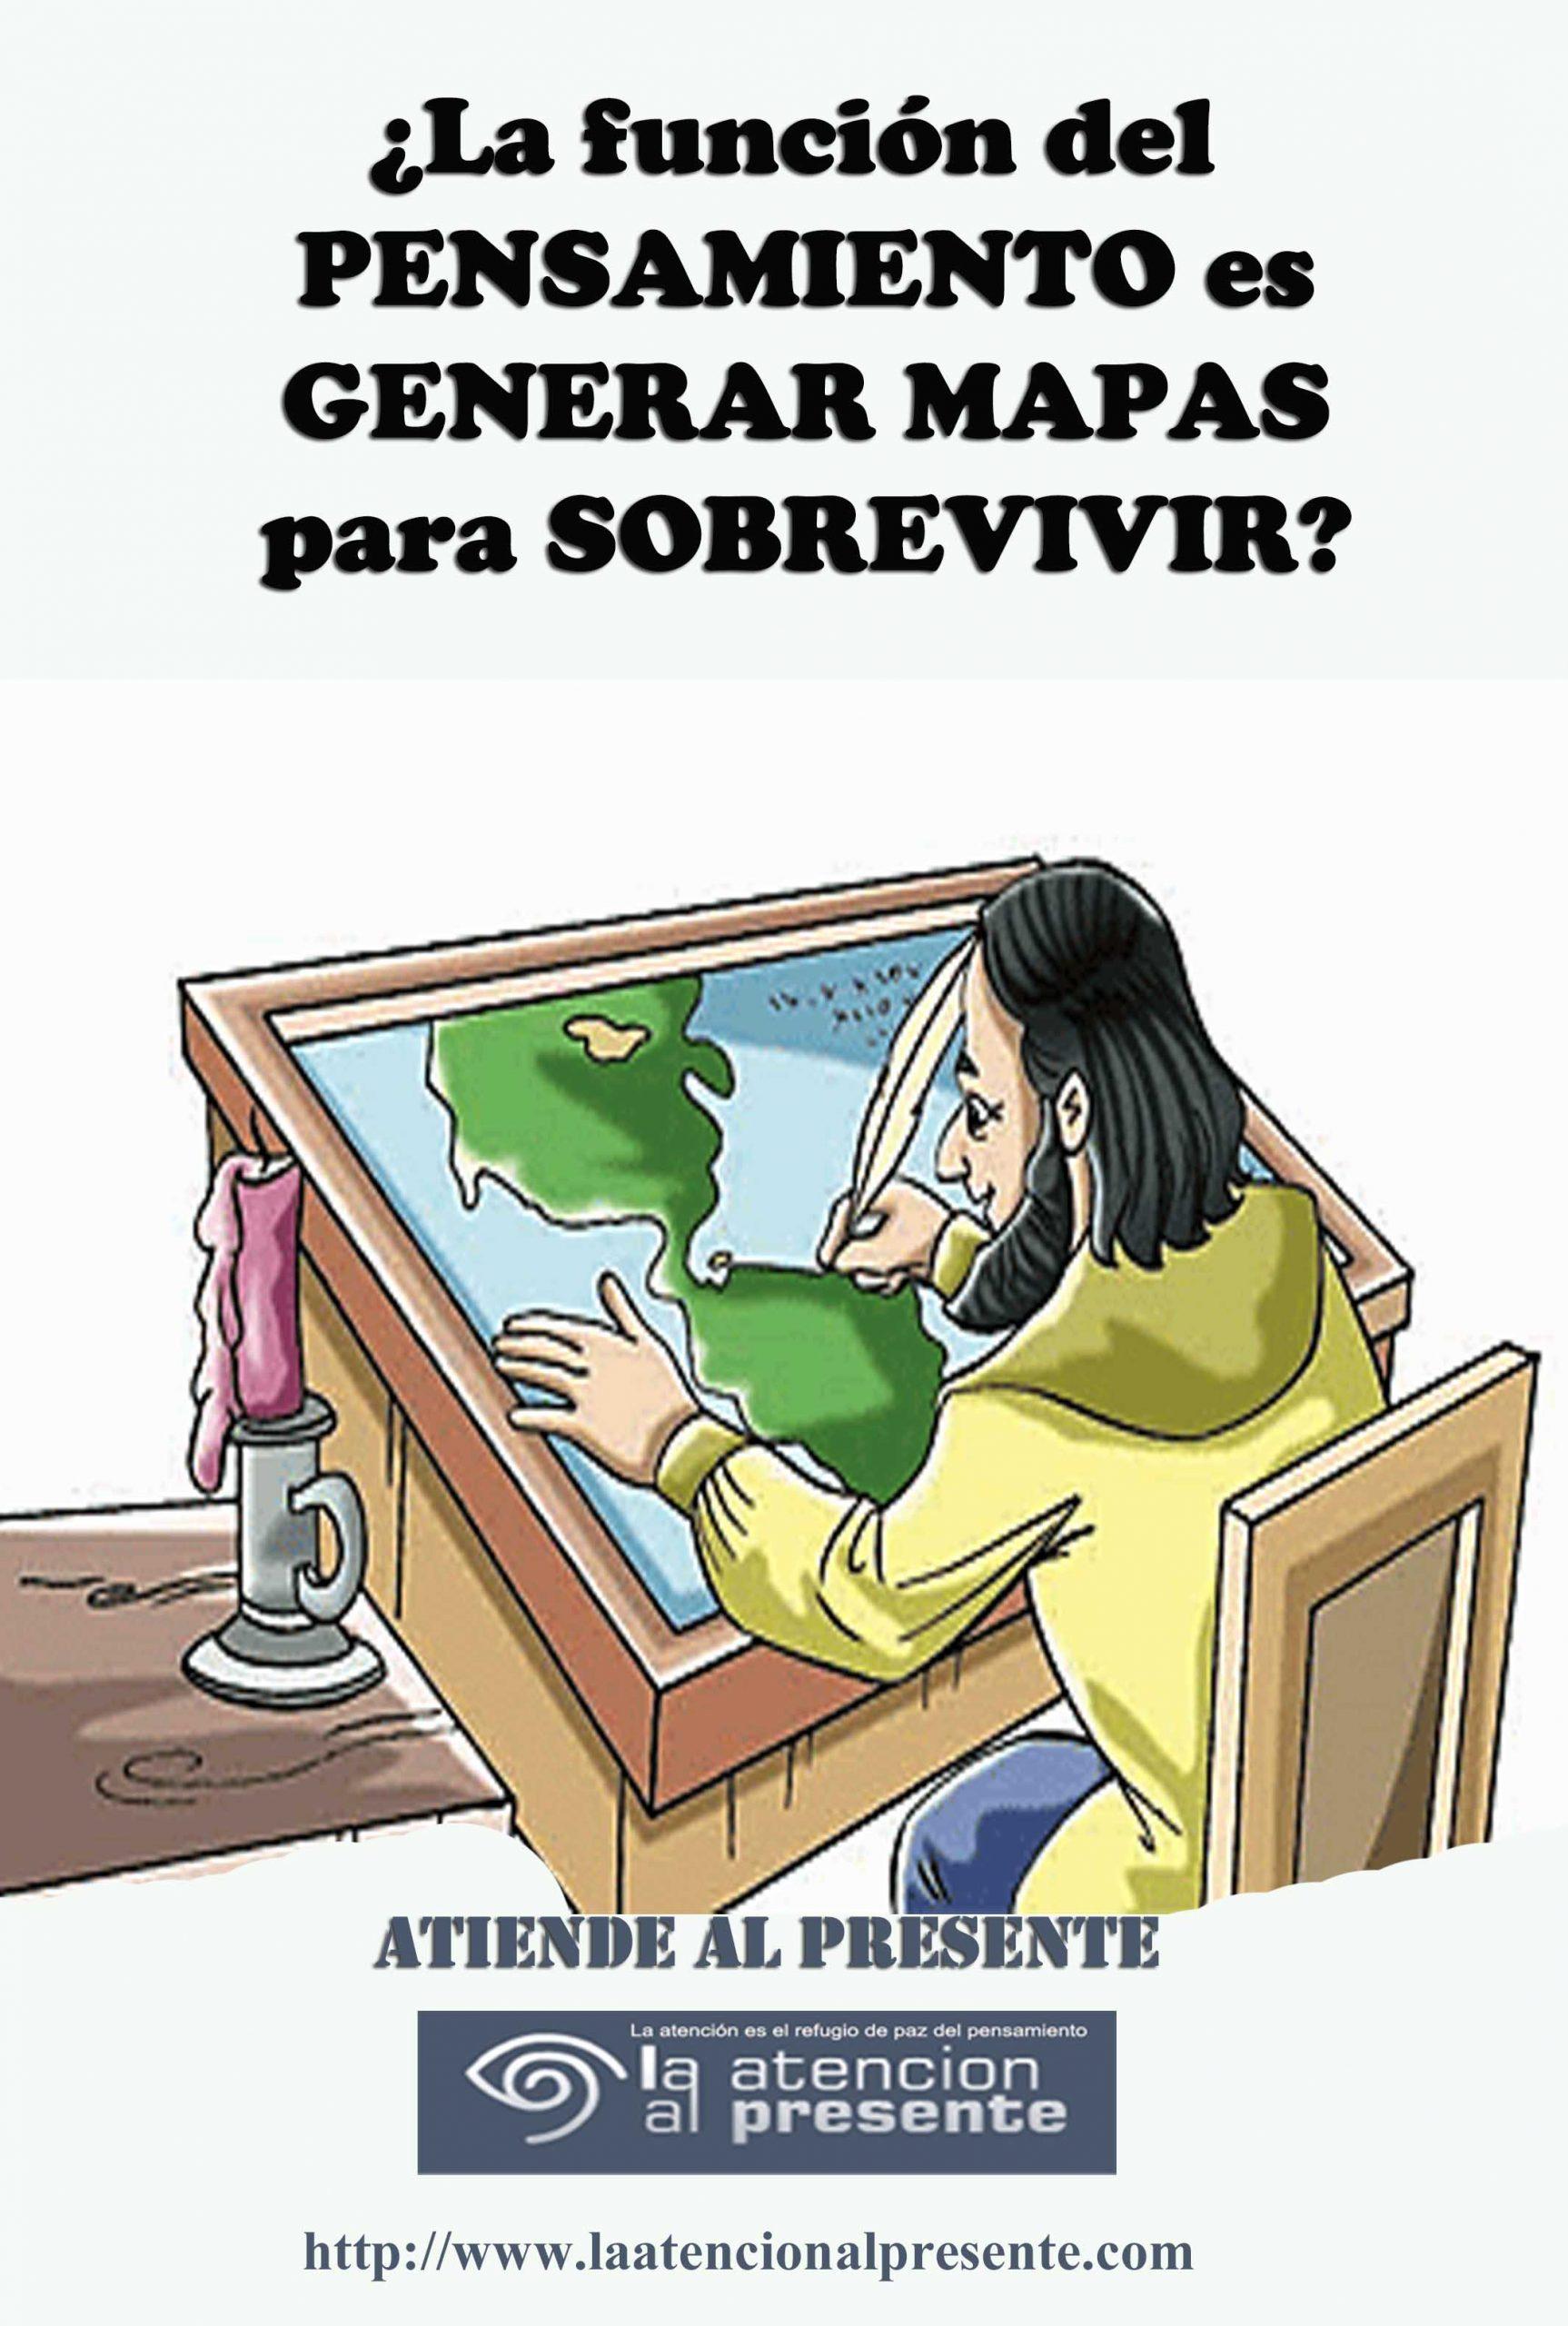 20 de marzo Esteban La función del PENSAMIENTO es GENERAR MAPAS para SOBREVIVIR min scaled